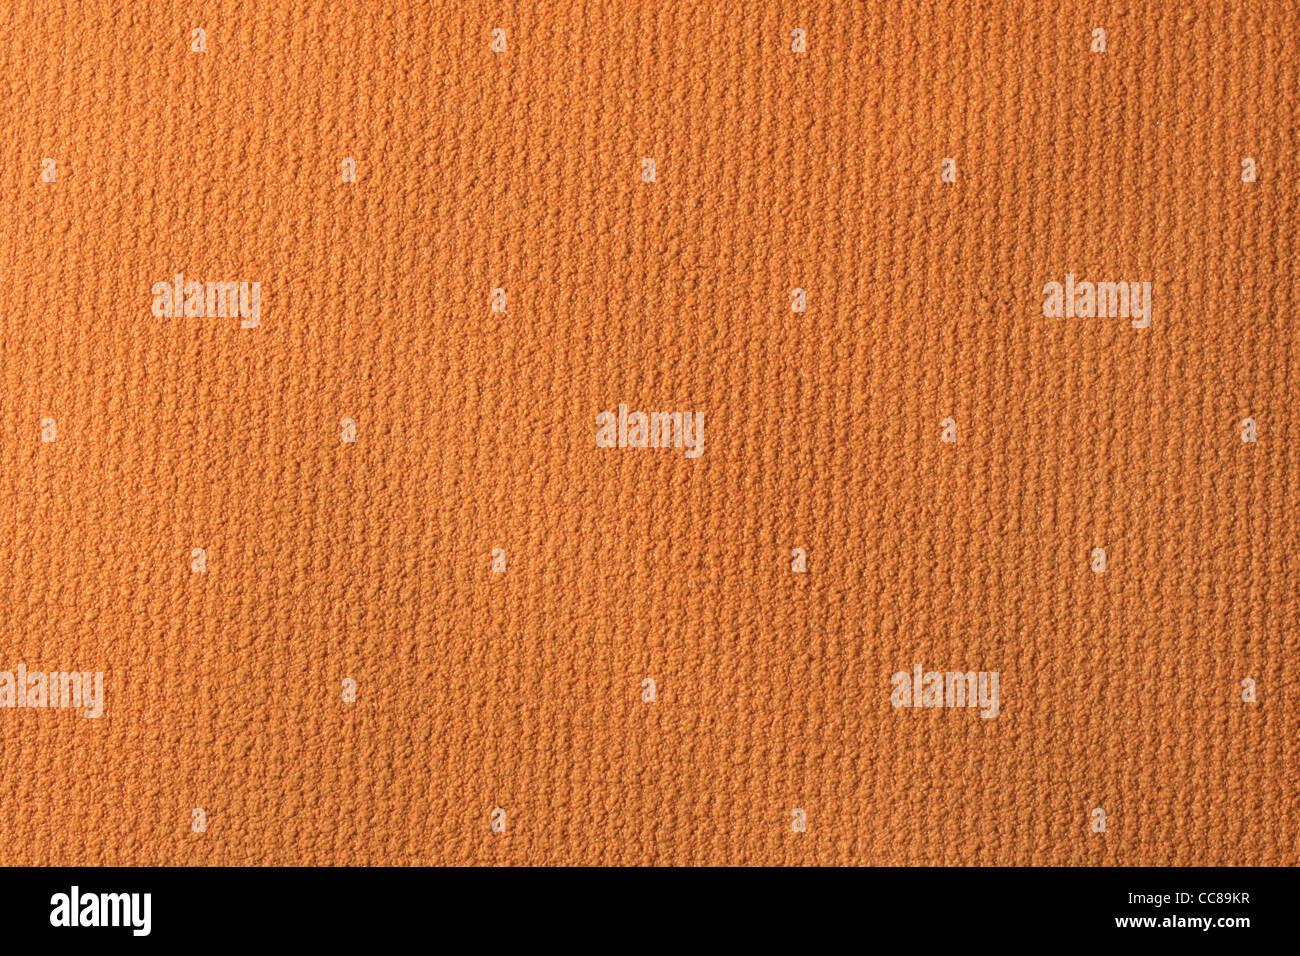 Caoutchouc antidérapante fond texturé orange Photo Stock